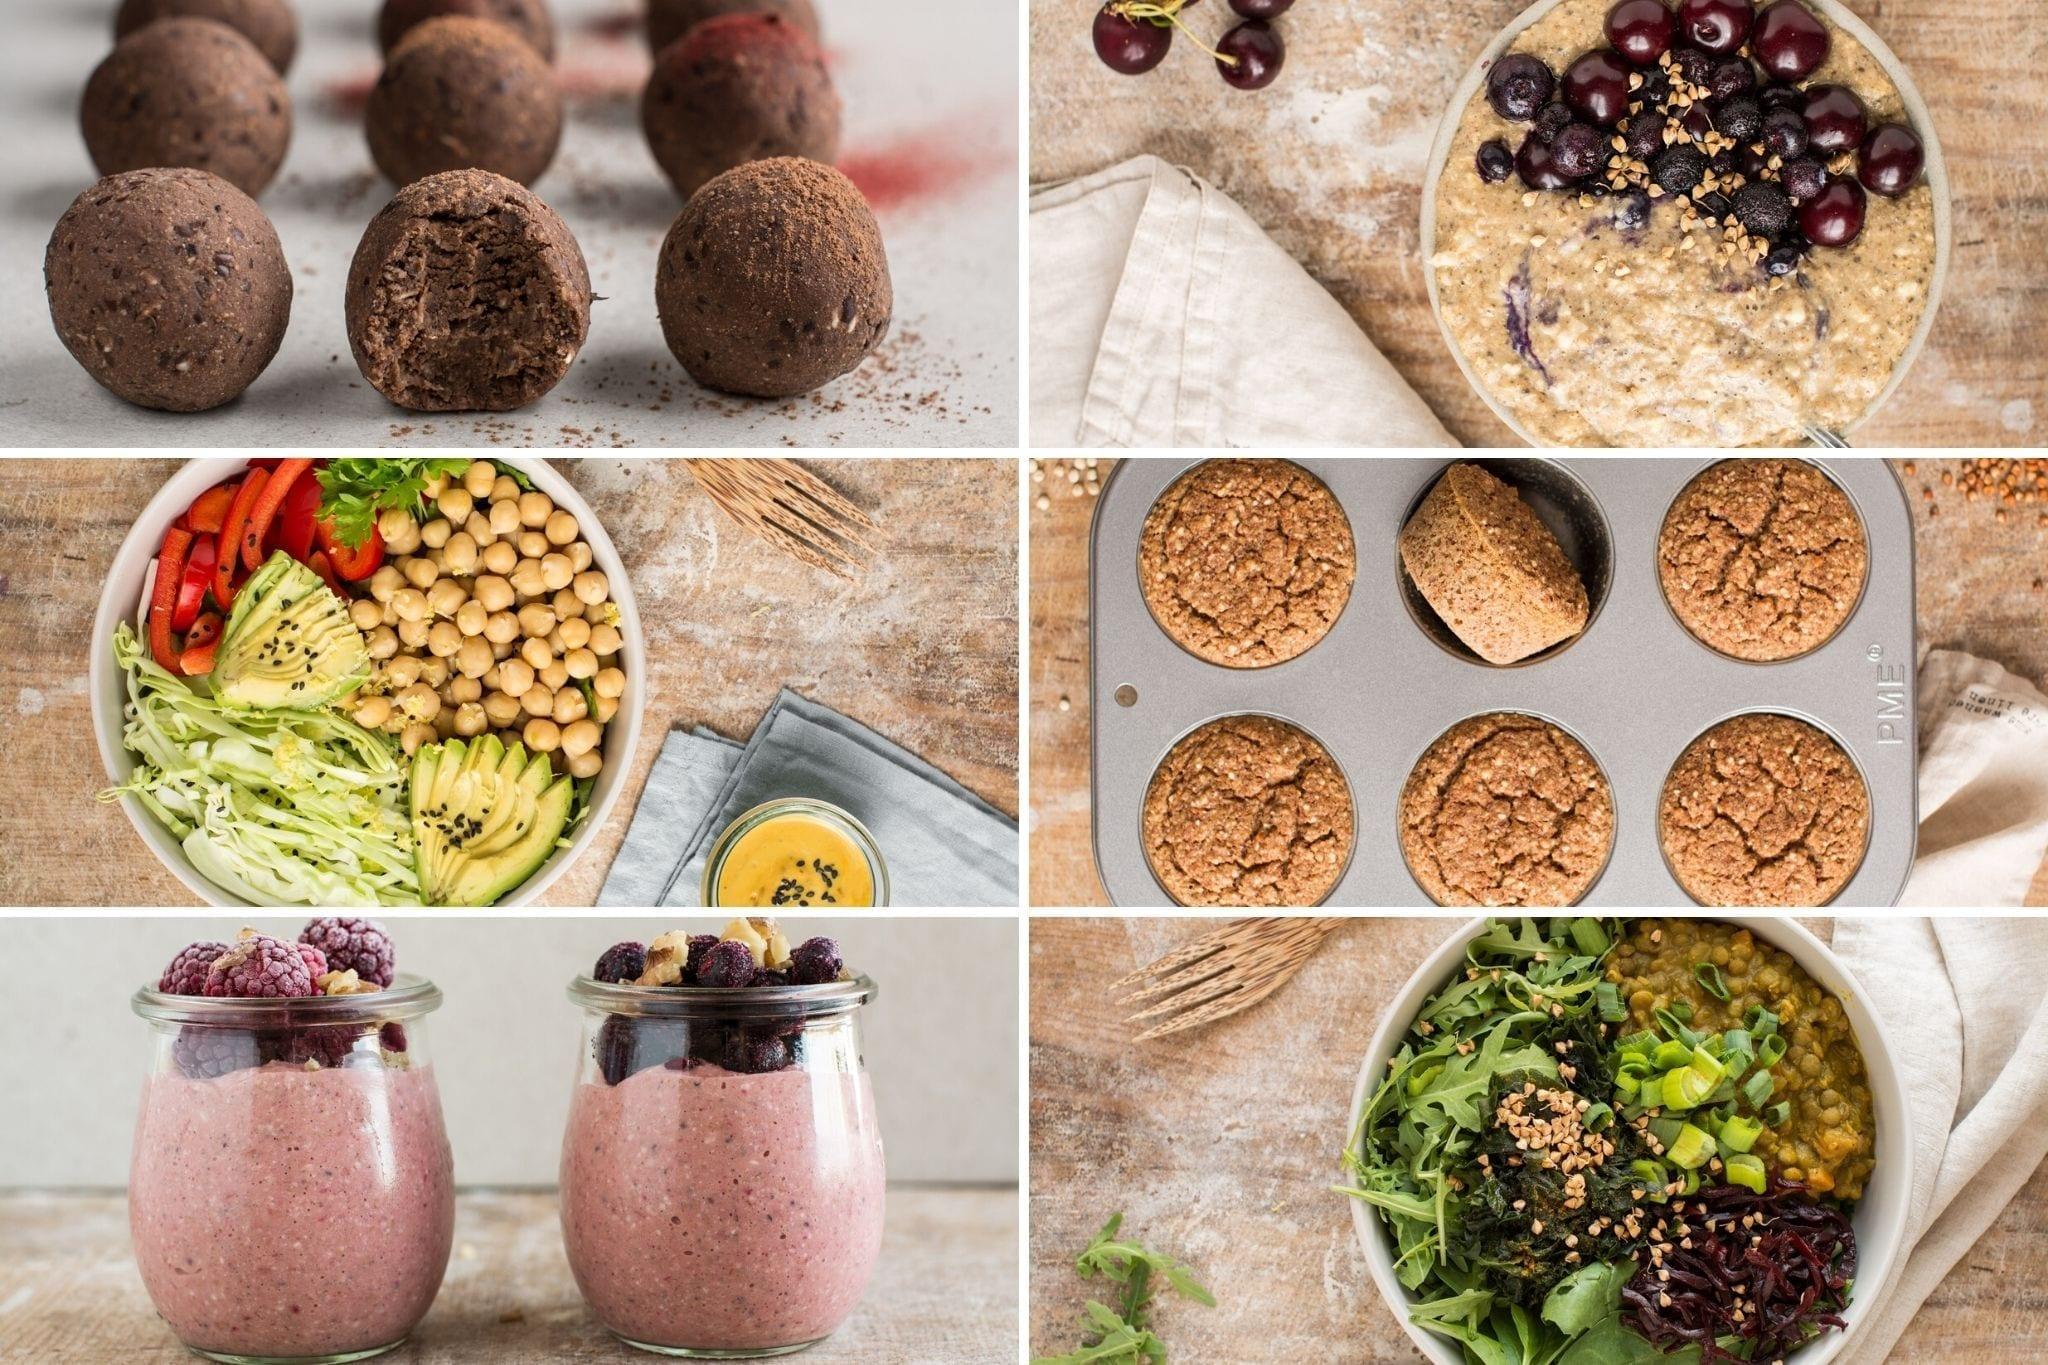 Daily Dozen Meal Plan [Gluten-Free, Low-Fat]   Nutriplanet